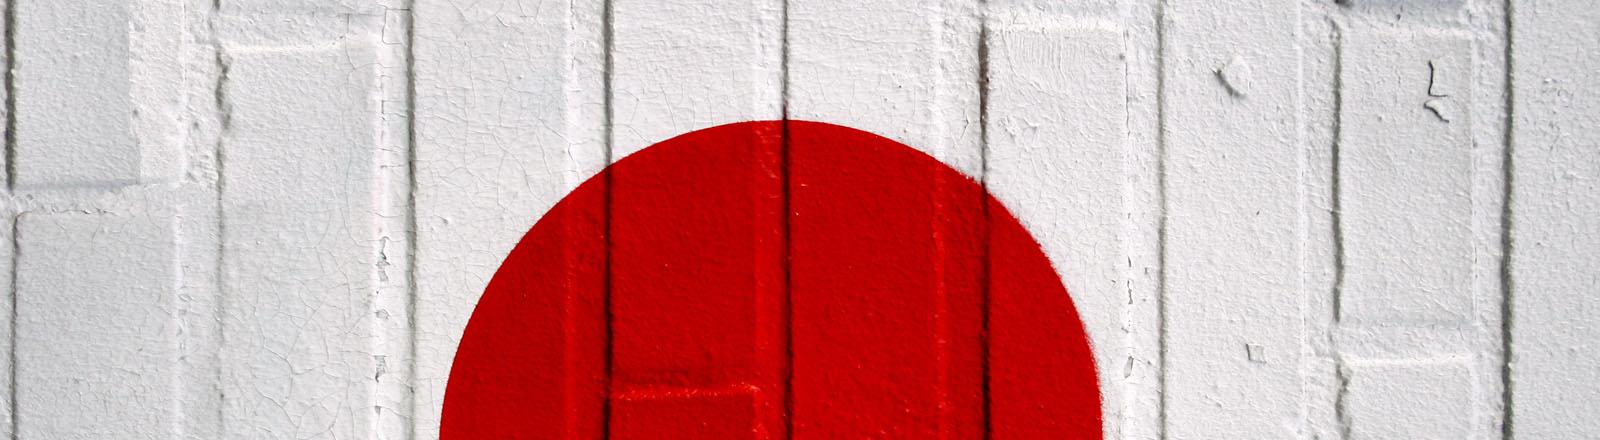 Japanische Dating-Blutgruppe Kristin chenoweth noch von jake pavelka